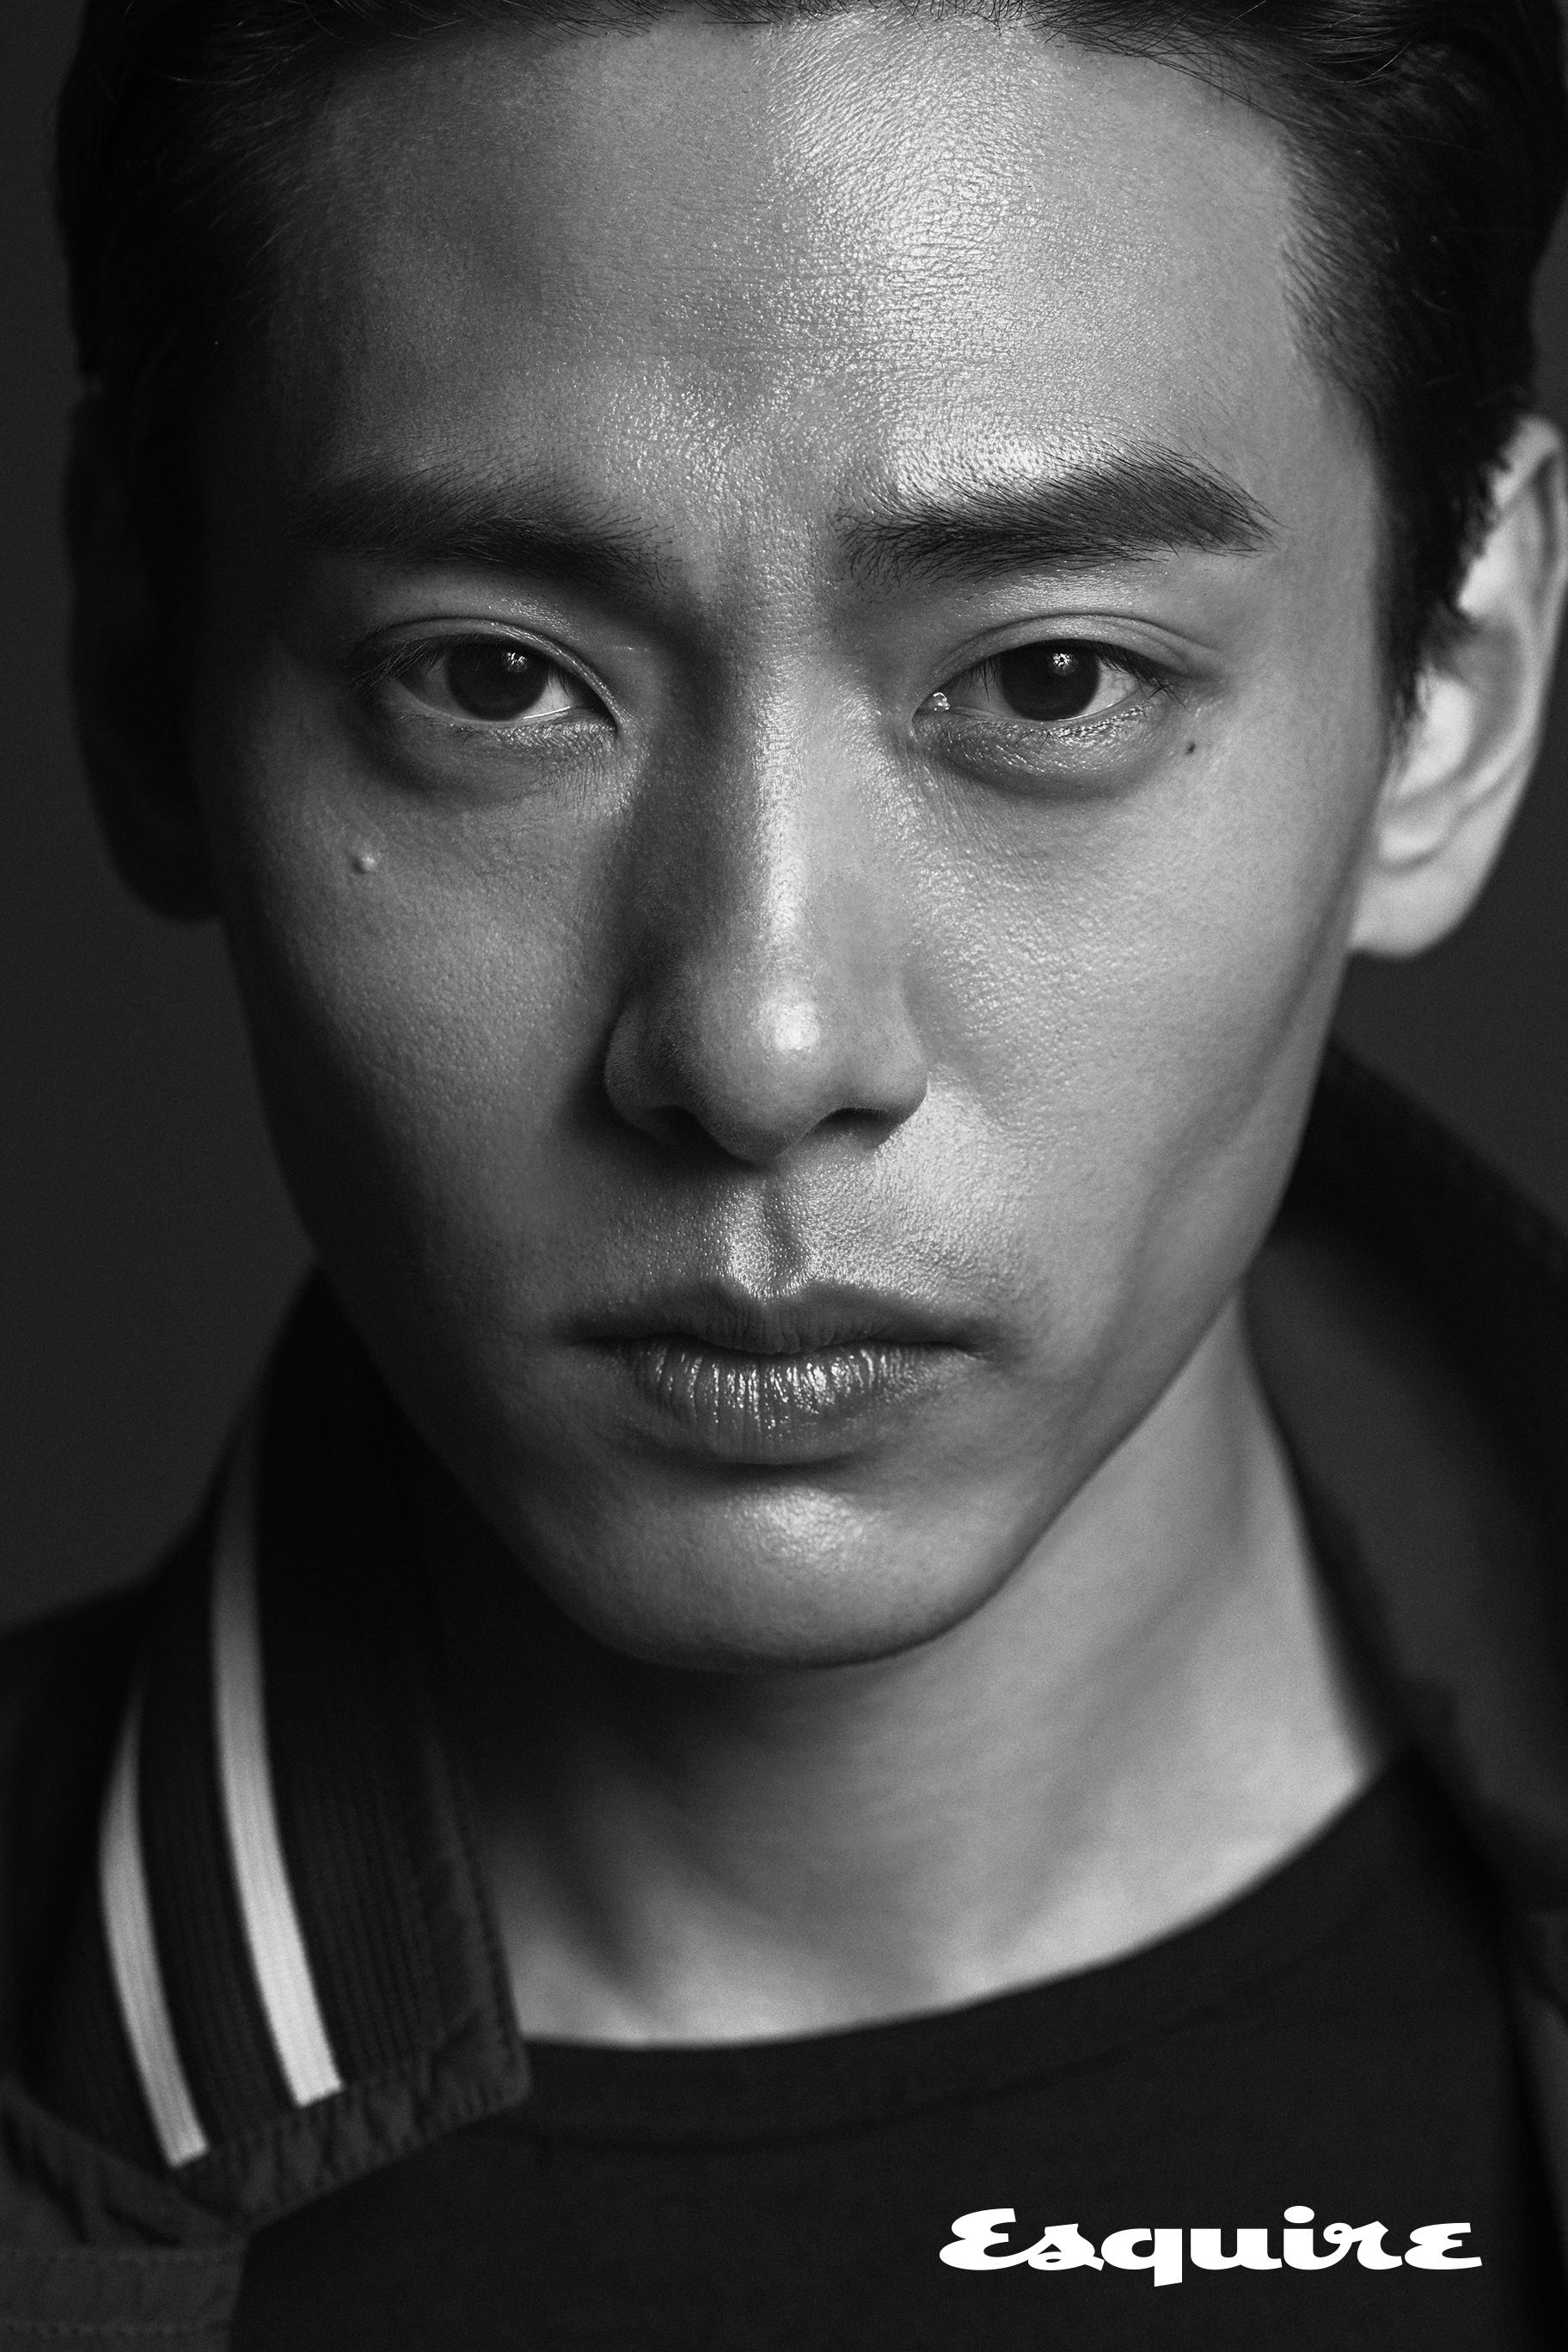 트렌치코트 송지오 옴므.